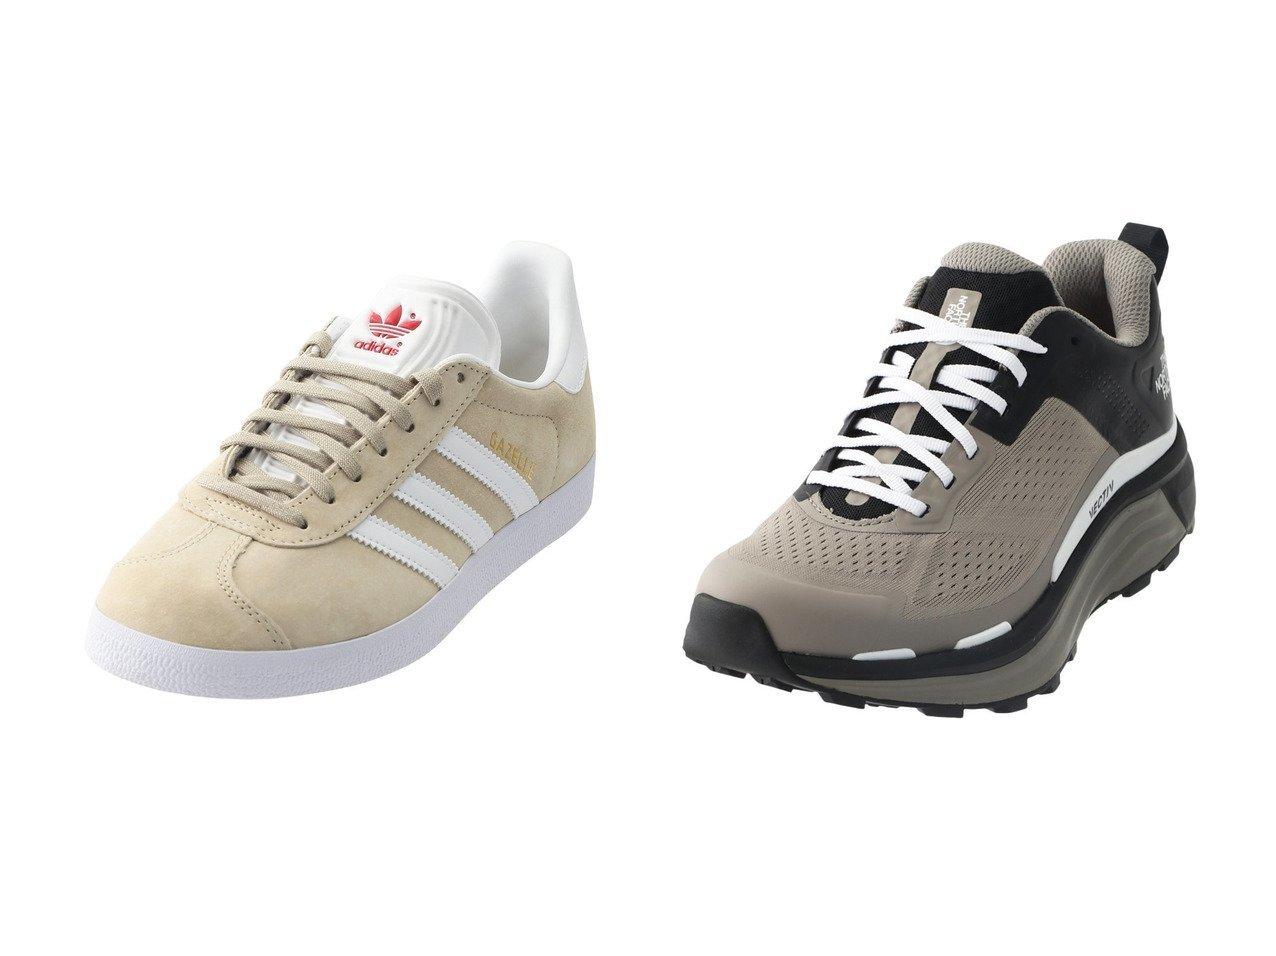 【JET/ジェット】の【adidas】GAZELLE スニーカー&【THE NORTH FACE/ザ ノース フェイス】のベクティブエンデュリススニーカー 【シューズ・靴】おすすめ!人気、トレンド・レディースファッションの通販  おすすめで人気の流行・トレンド、ファッションの通販商品 メンズファッション・キッズファッション・インテリア・家具・レディースファッション・服の通販 founy(ファニー) https://founy.com/ ファッション Fashion レディースファッション WOMEN スポーツウェア Sportswear スニーカー Sneakers スポーツ シューズ Shoes シューズ スニーカー スポーツ フィット レース |ID:crp329100000032103